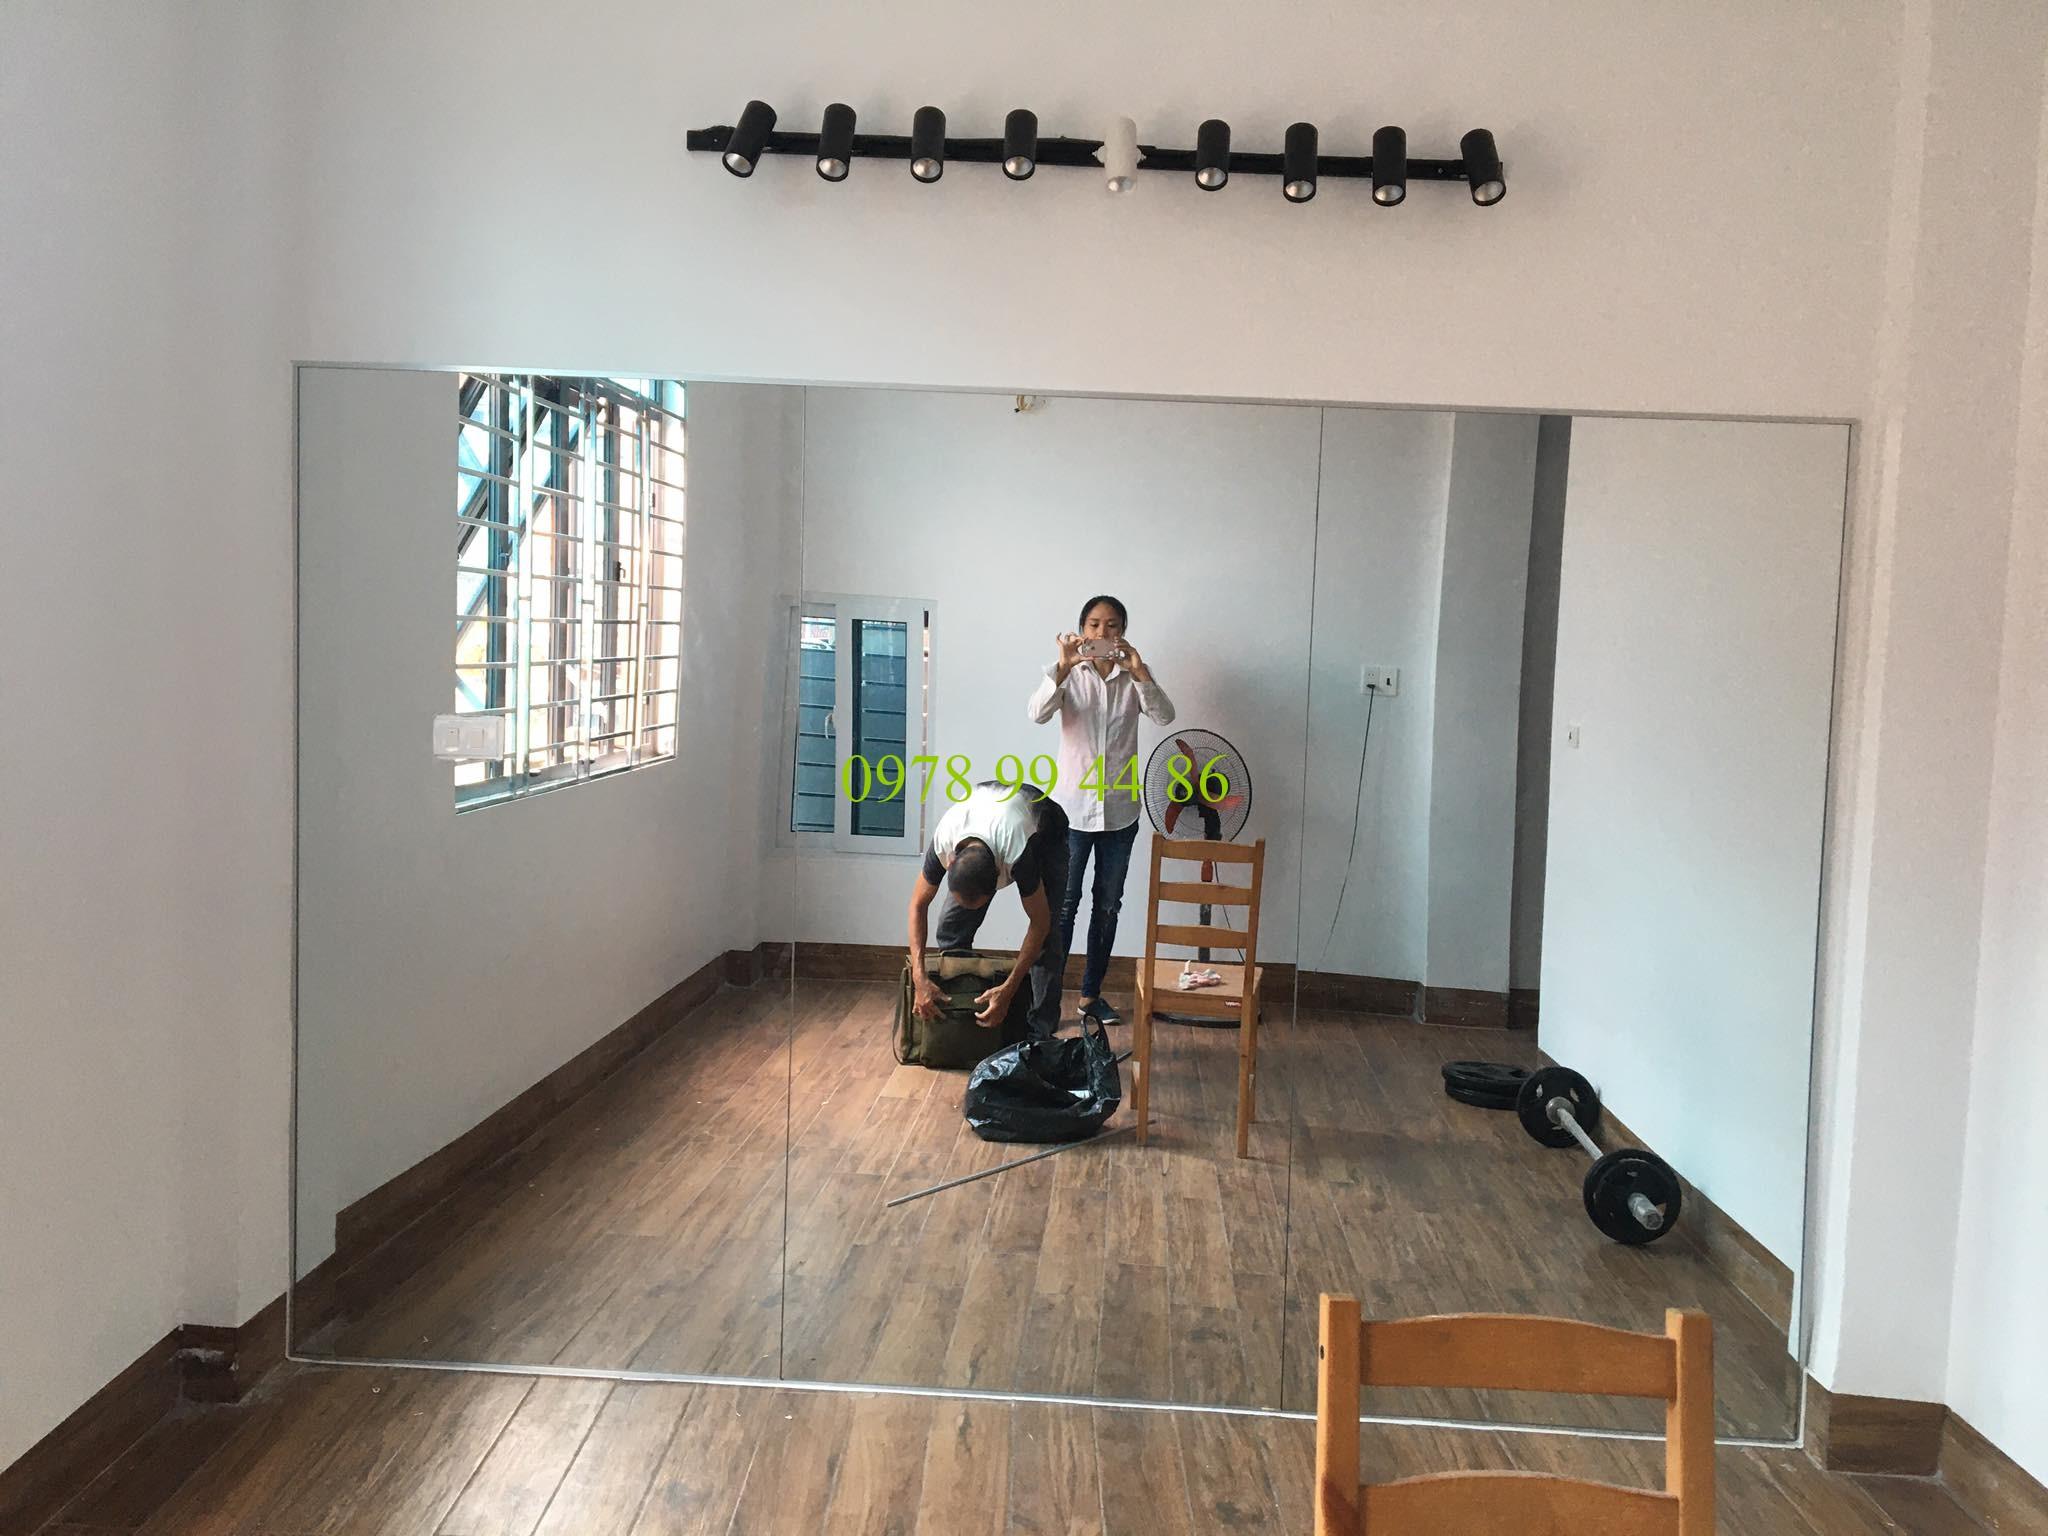 Gương phòng tập u85-05 Gương phòng tập khi lắp đặt có khó không ?